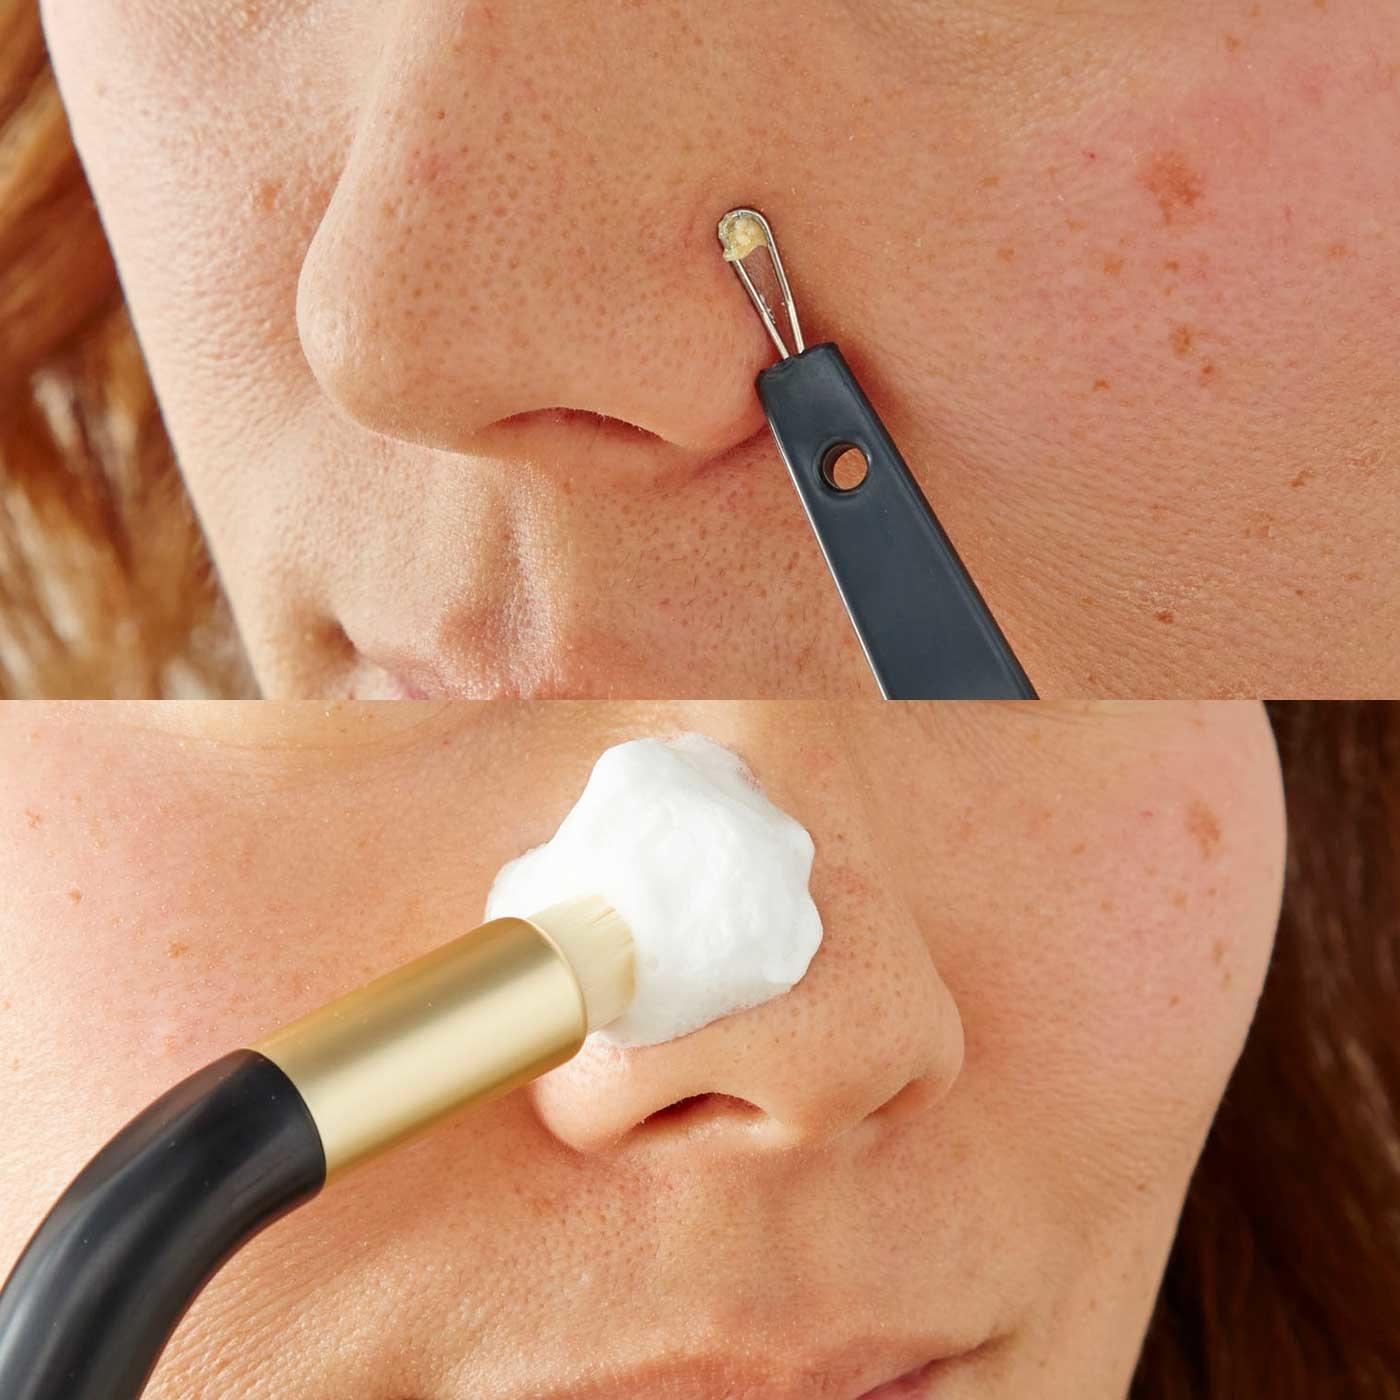 極細ブラシ&押し出しループの2ステップで簡単鼻ケア! 2-way角栓ブラシ